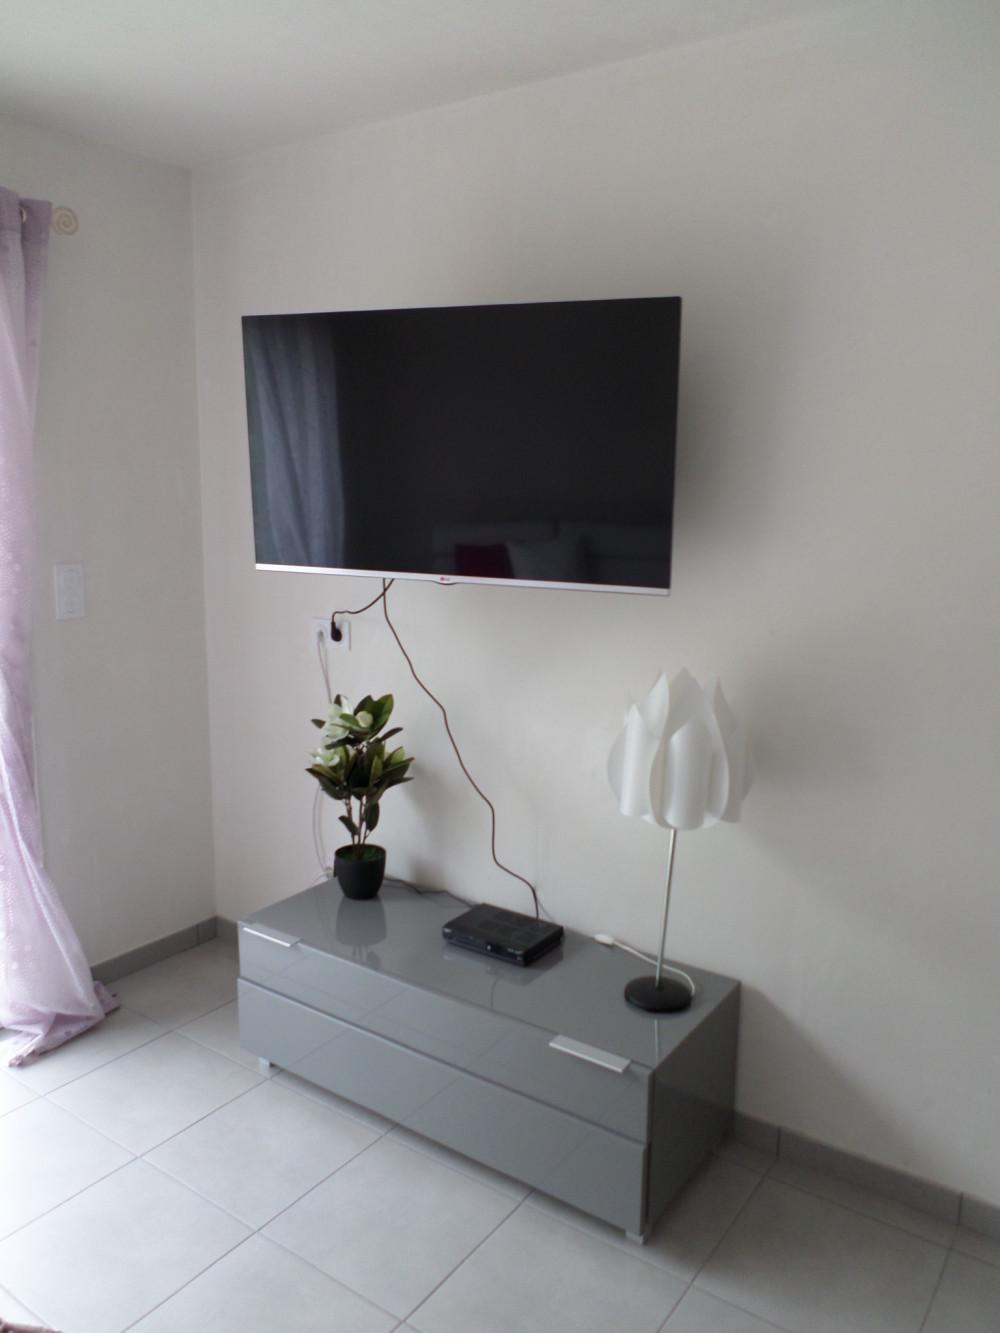 Télévision maison morgat